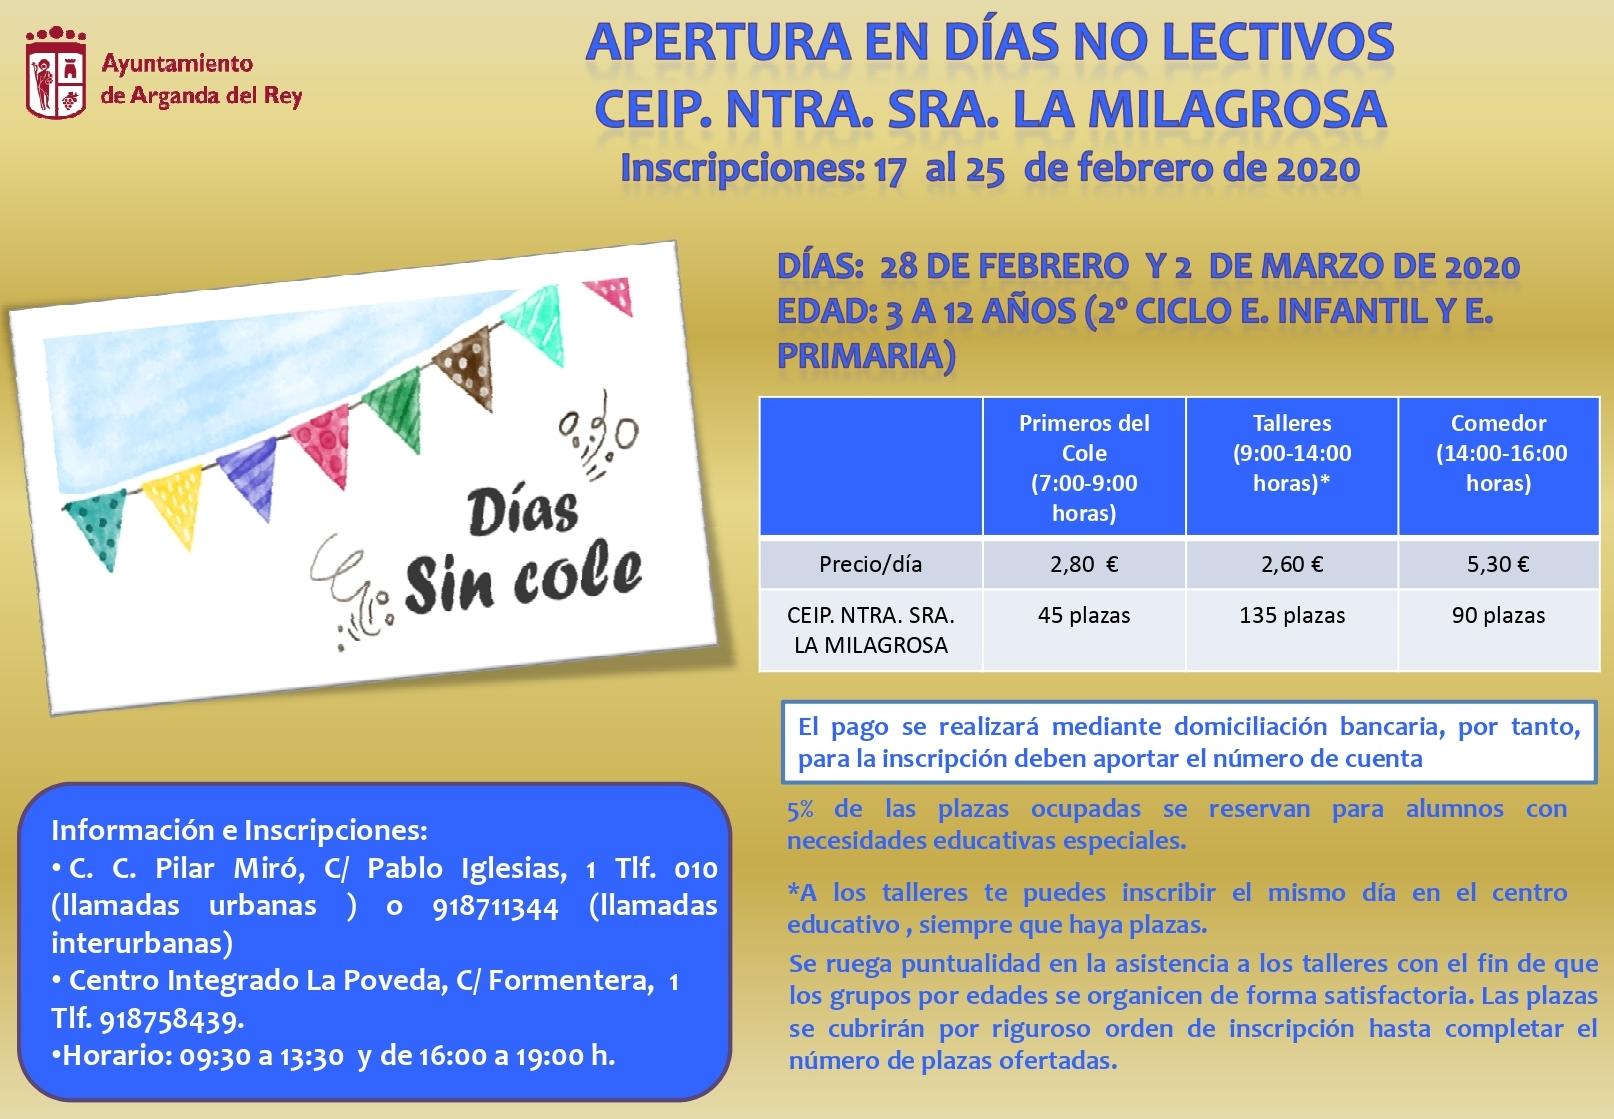 El CEIP Nuestra Señora de la Milagrosa abrirá los días no lectivos 28 de febrero y 2 de marzo